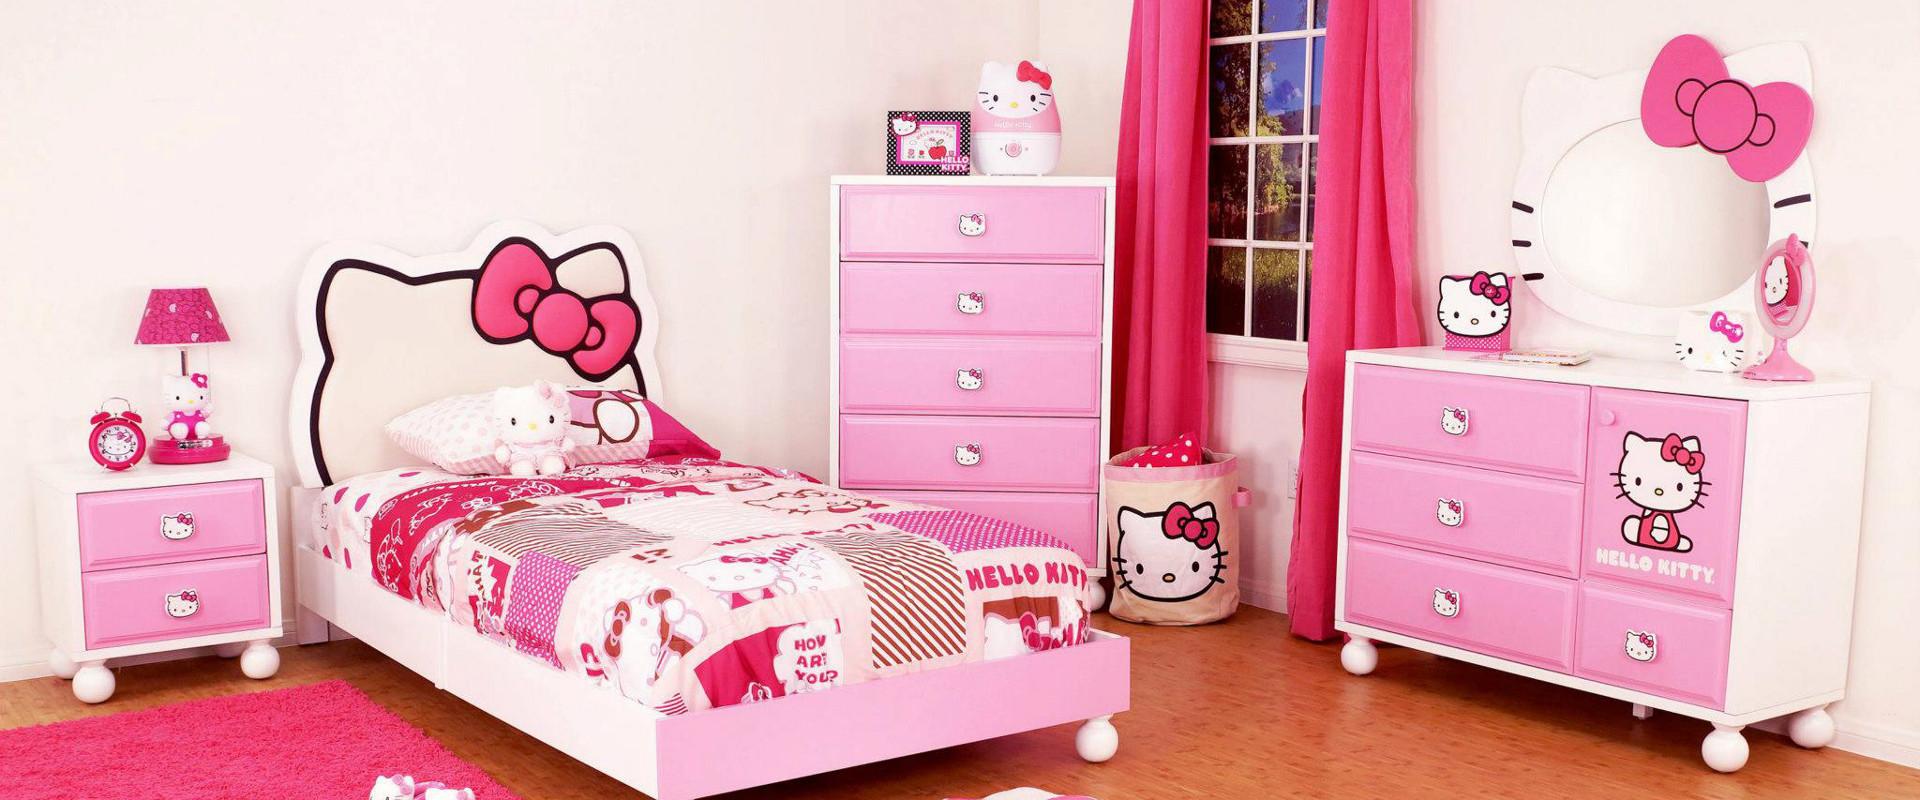 Creëer jouw ideale slaapkamer - Sfeer en Living